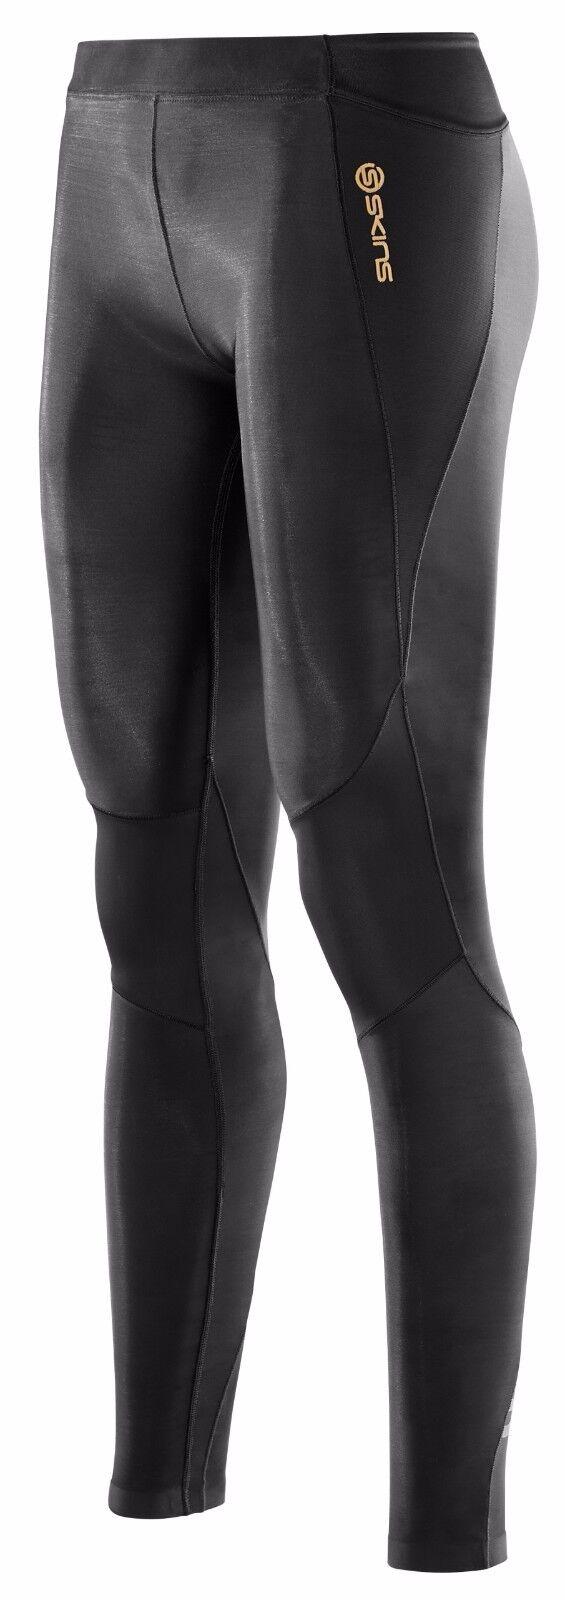 Auténtico compresión Skins  A400 para Mujer Largo Mallas   Negro  marca en liquidación de venta